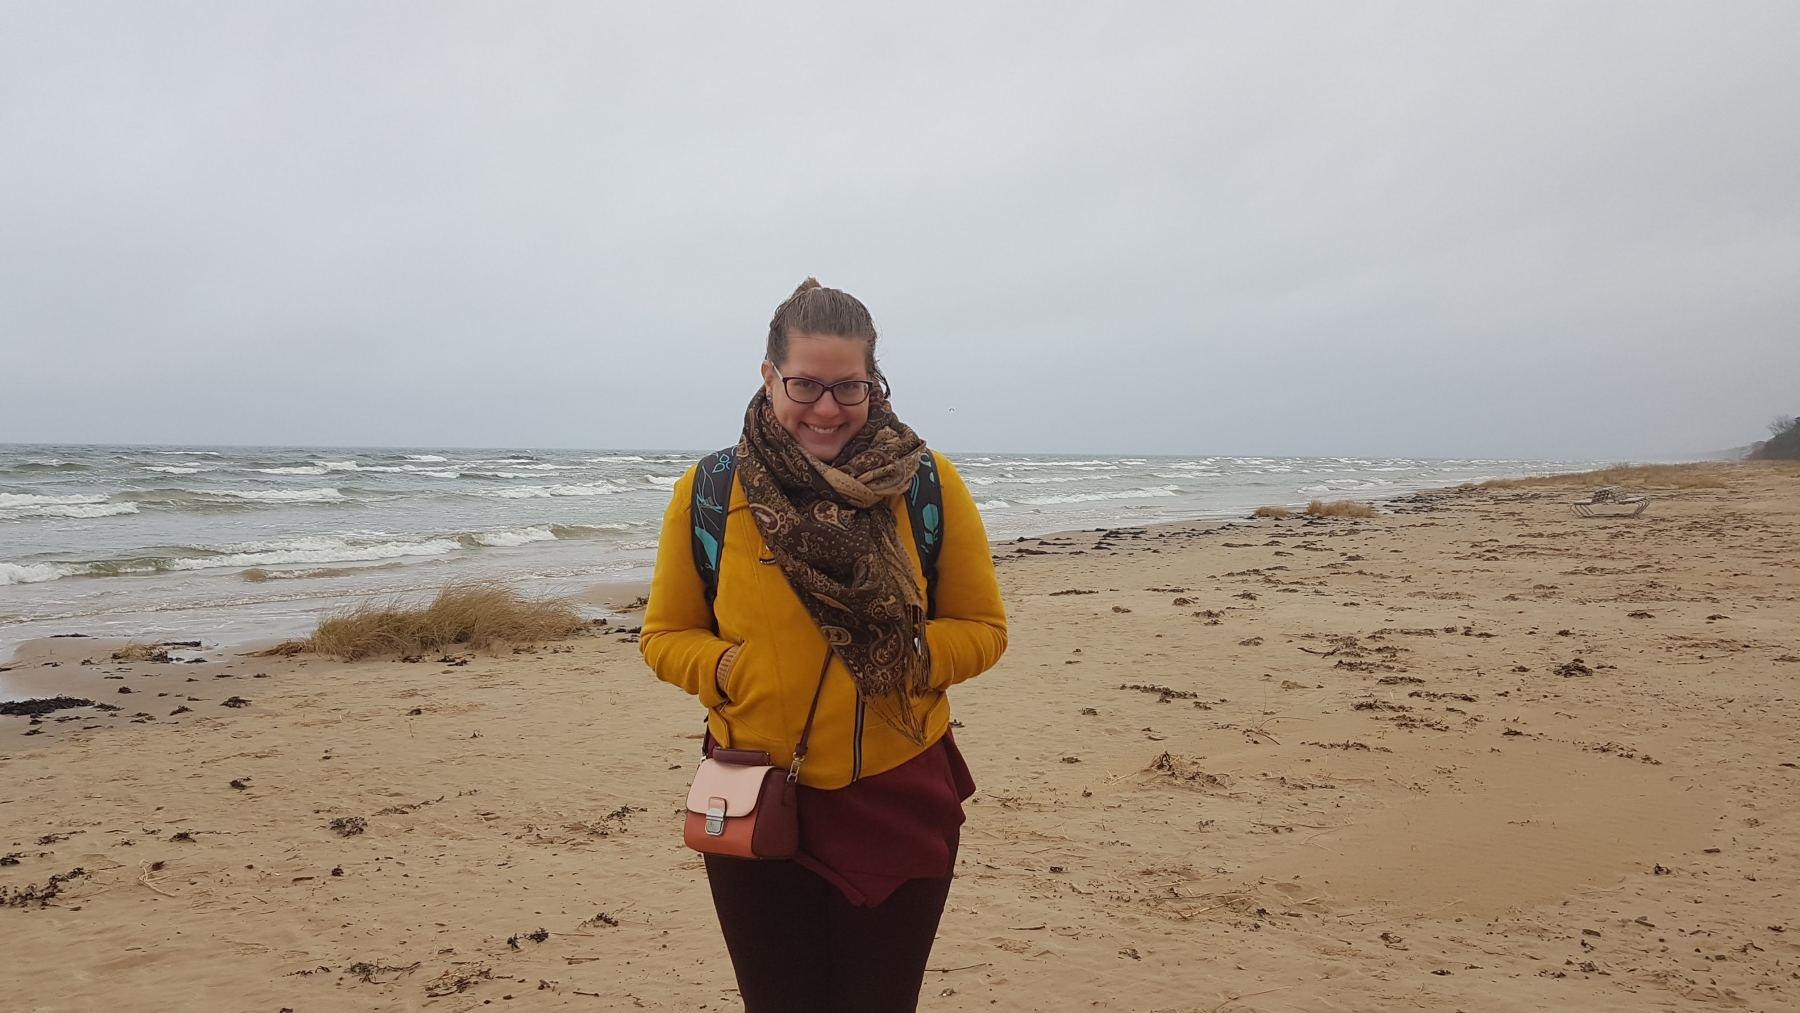 Šárka a Baltské moře